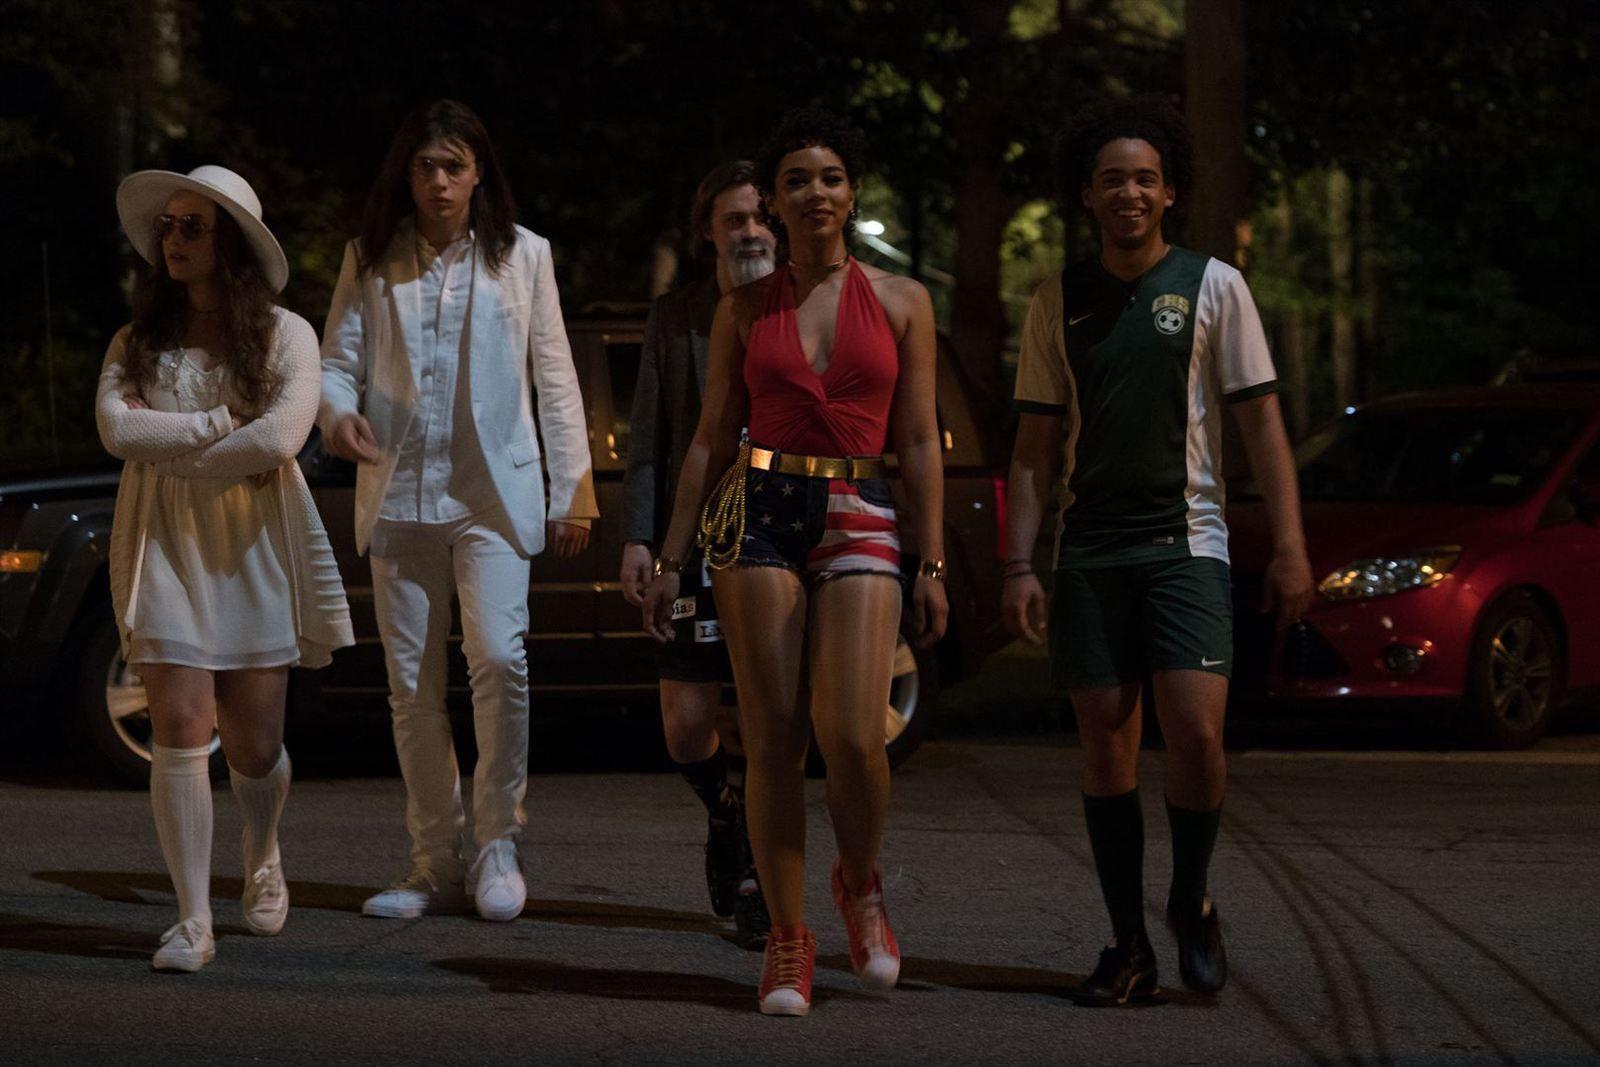 Love, Simon avec Nick Robinson, Katherine Langford, Alexandra Shipp - Le 27 juin 2018 au cinéma (La bande-annonce)